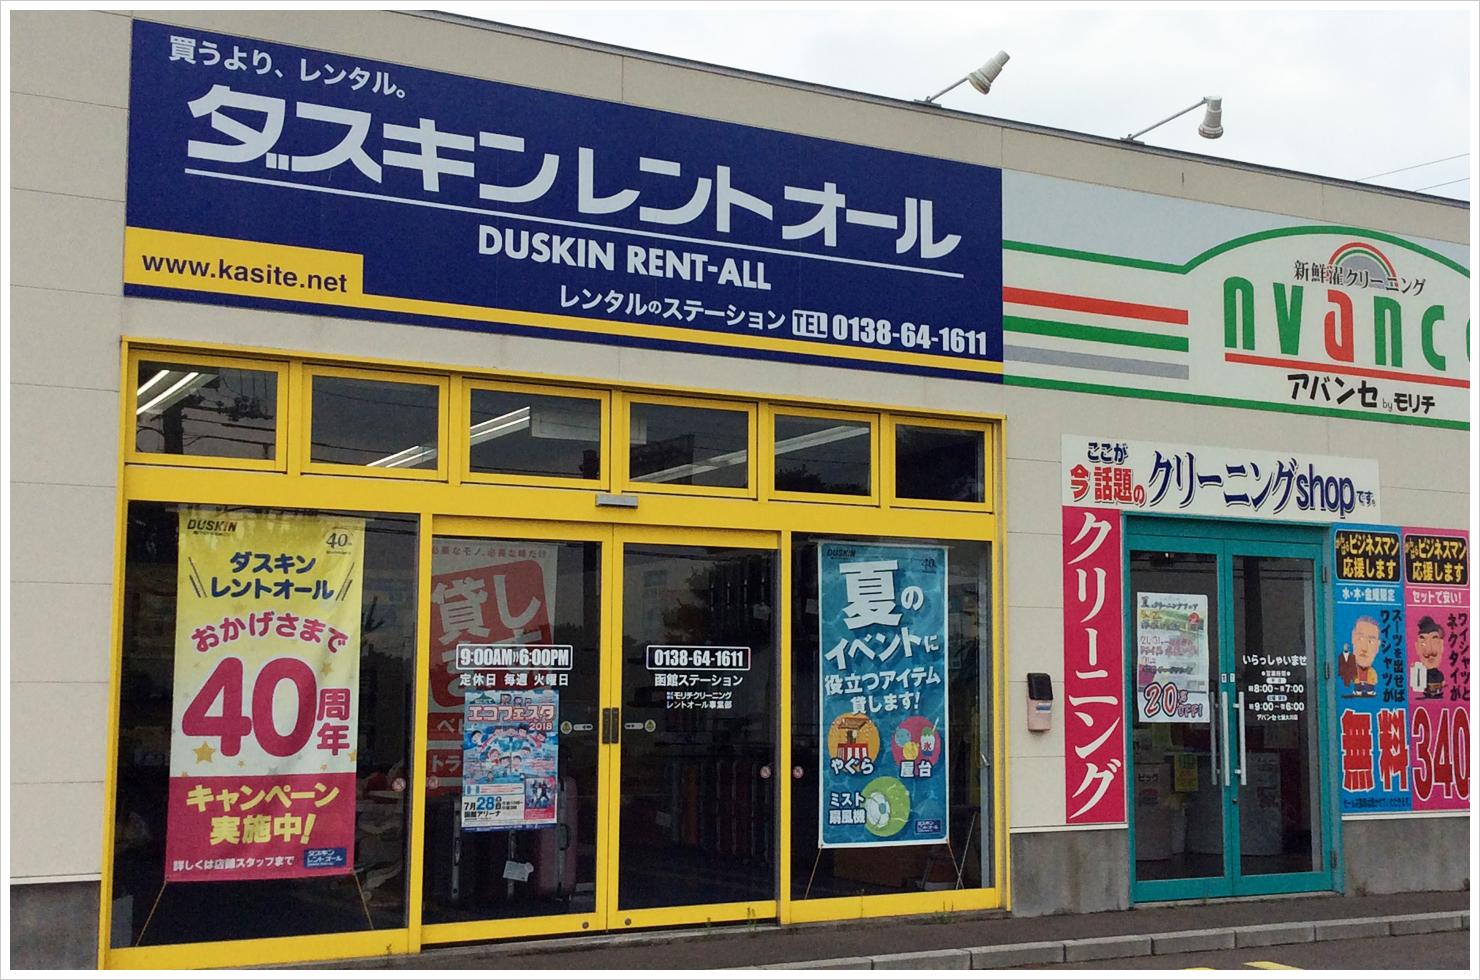 株式会社 モリチクリーニング ダスキンレントオール函館ステーション